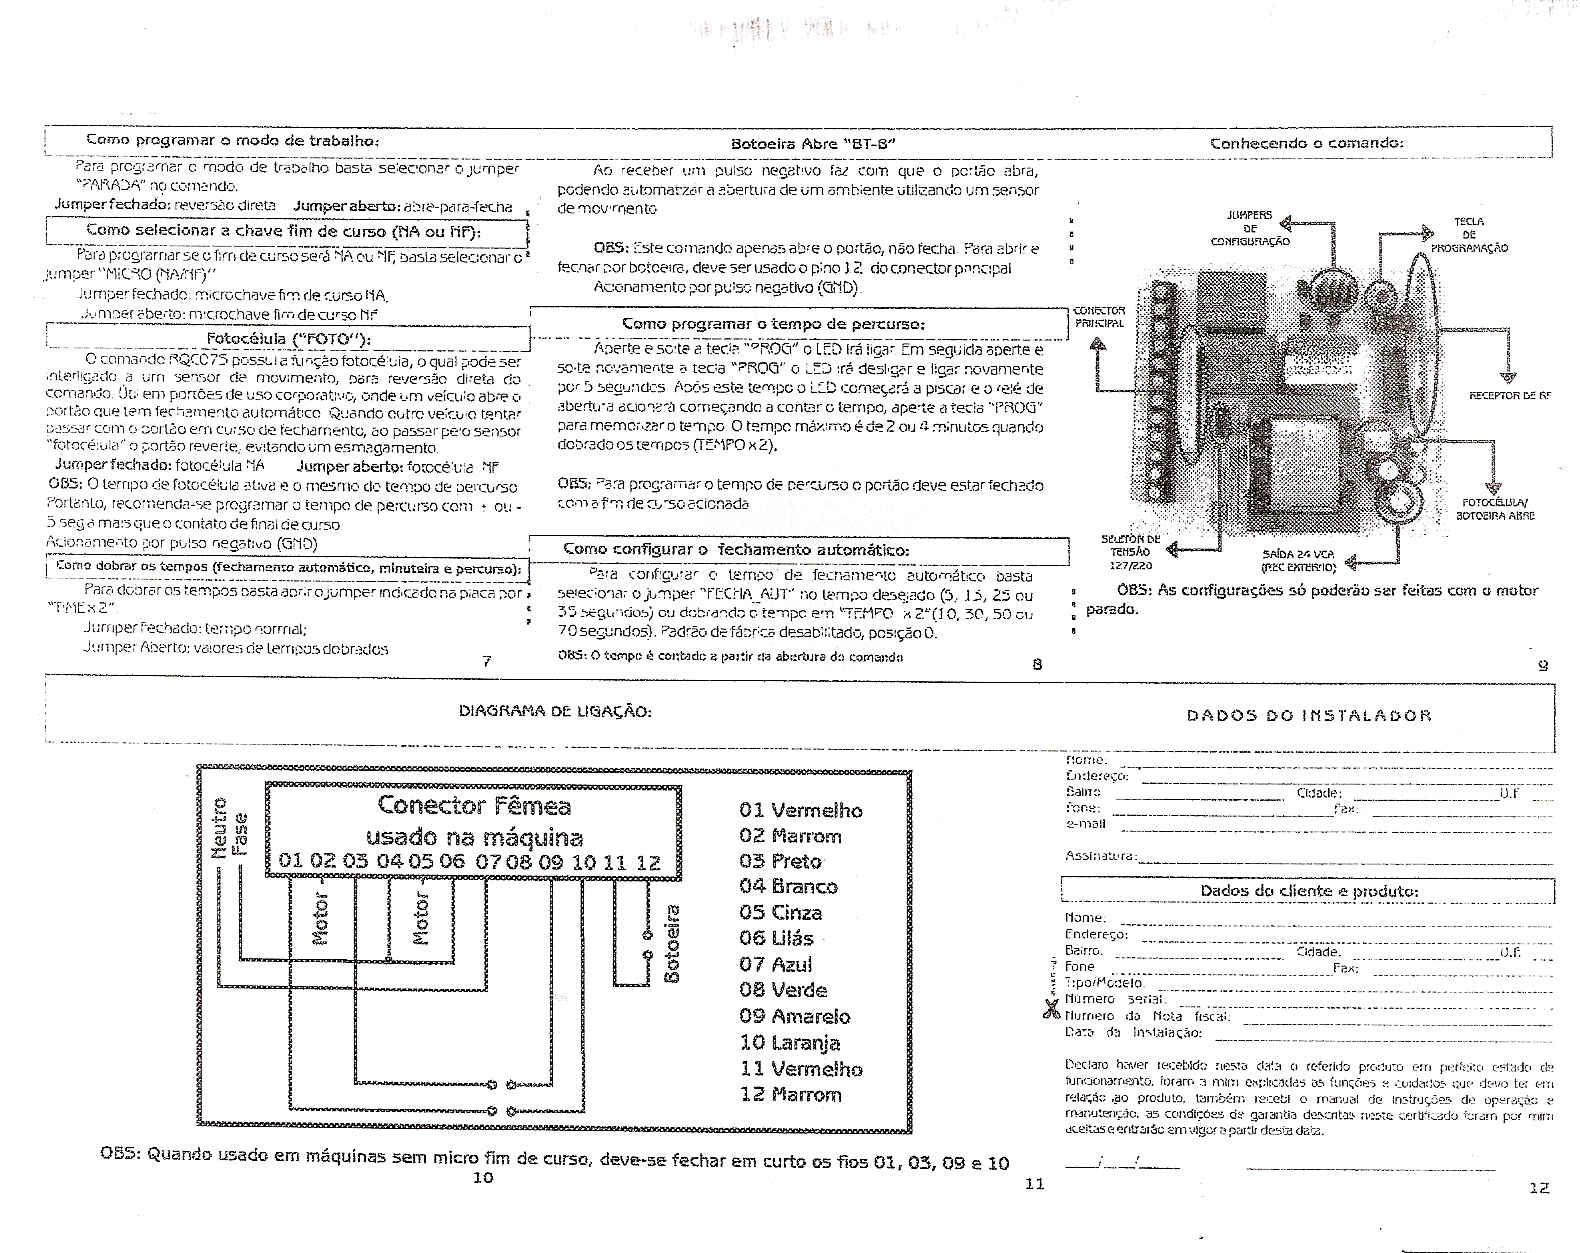 dicas do instalador: manual central eletronica do RLG